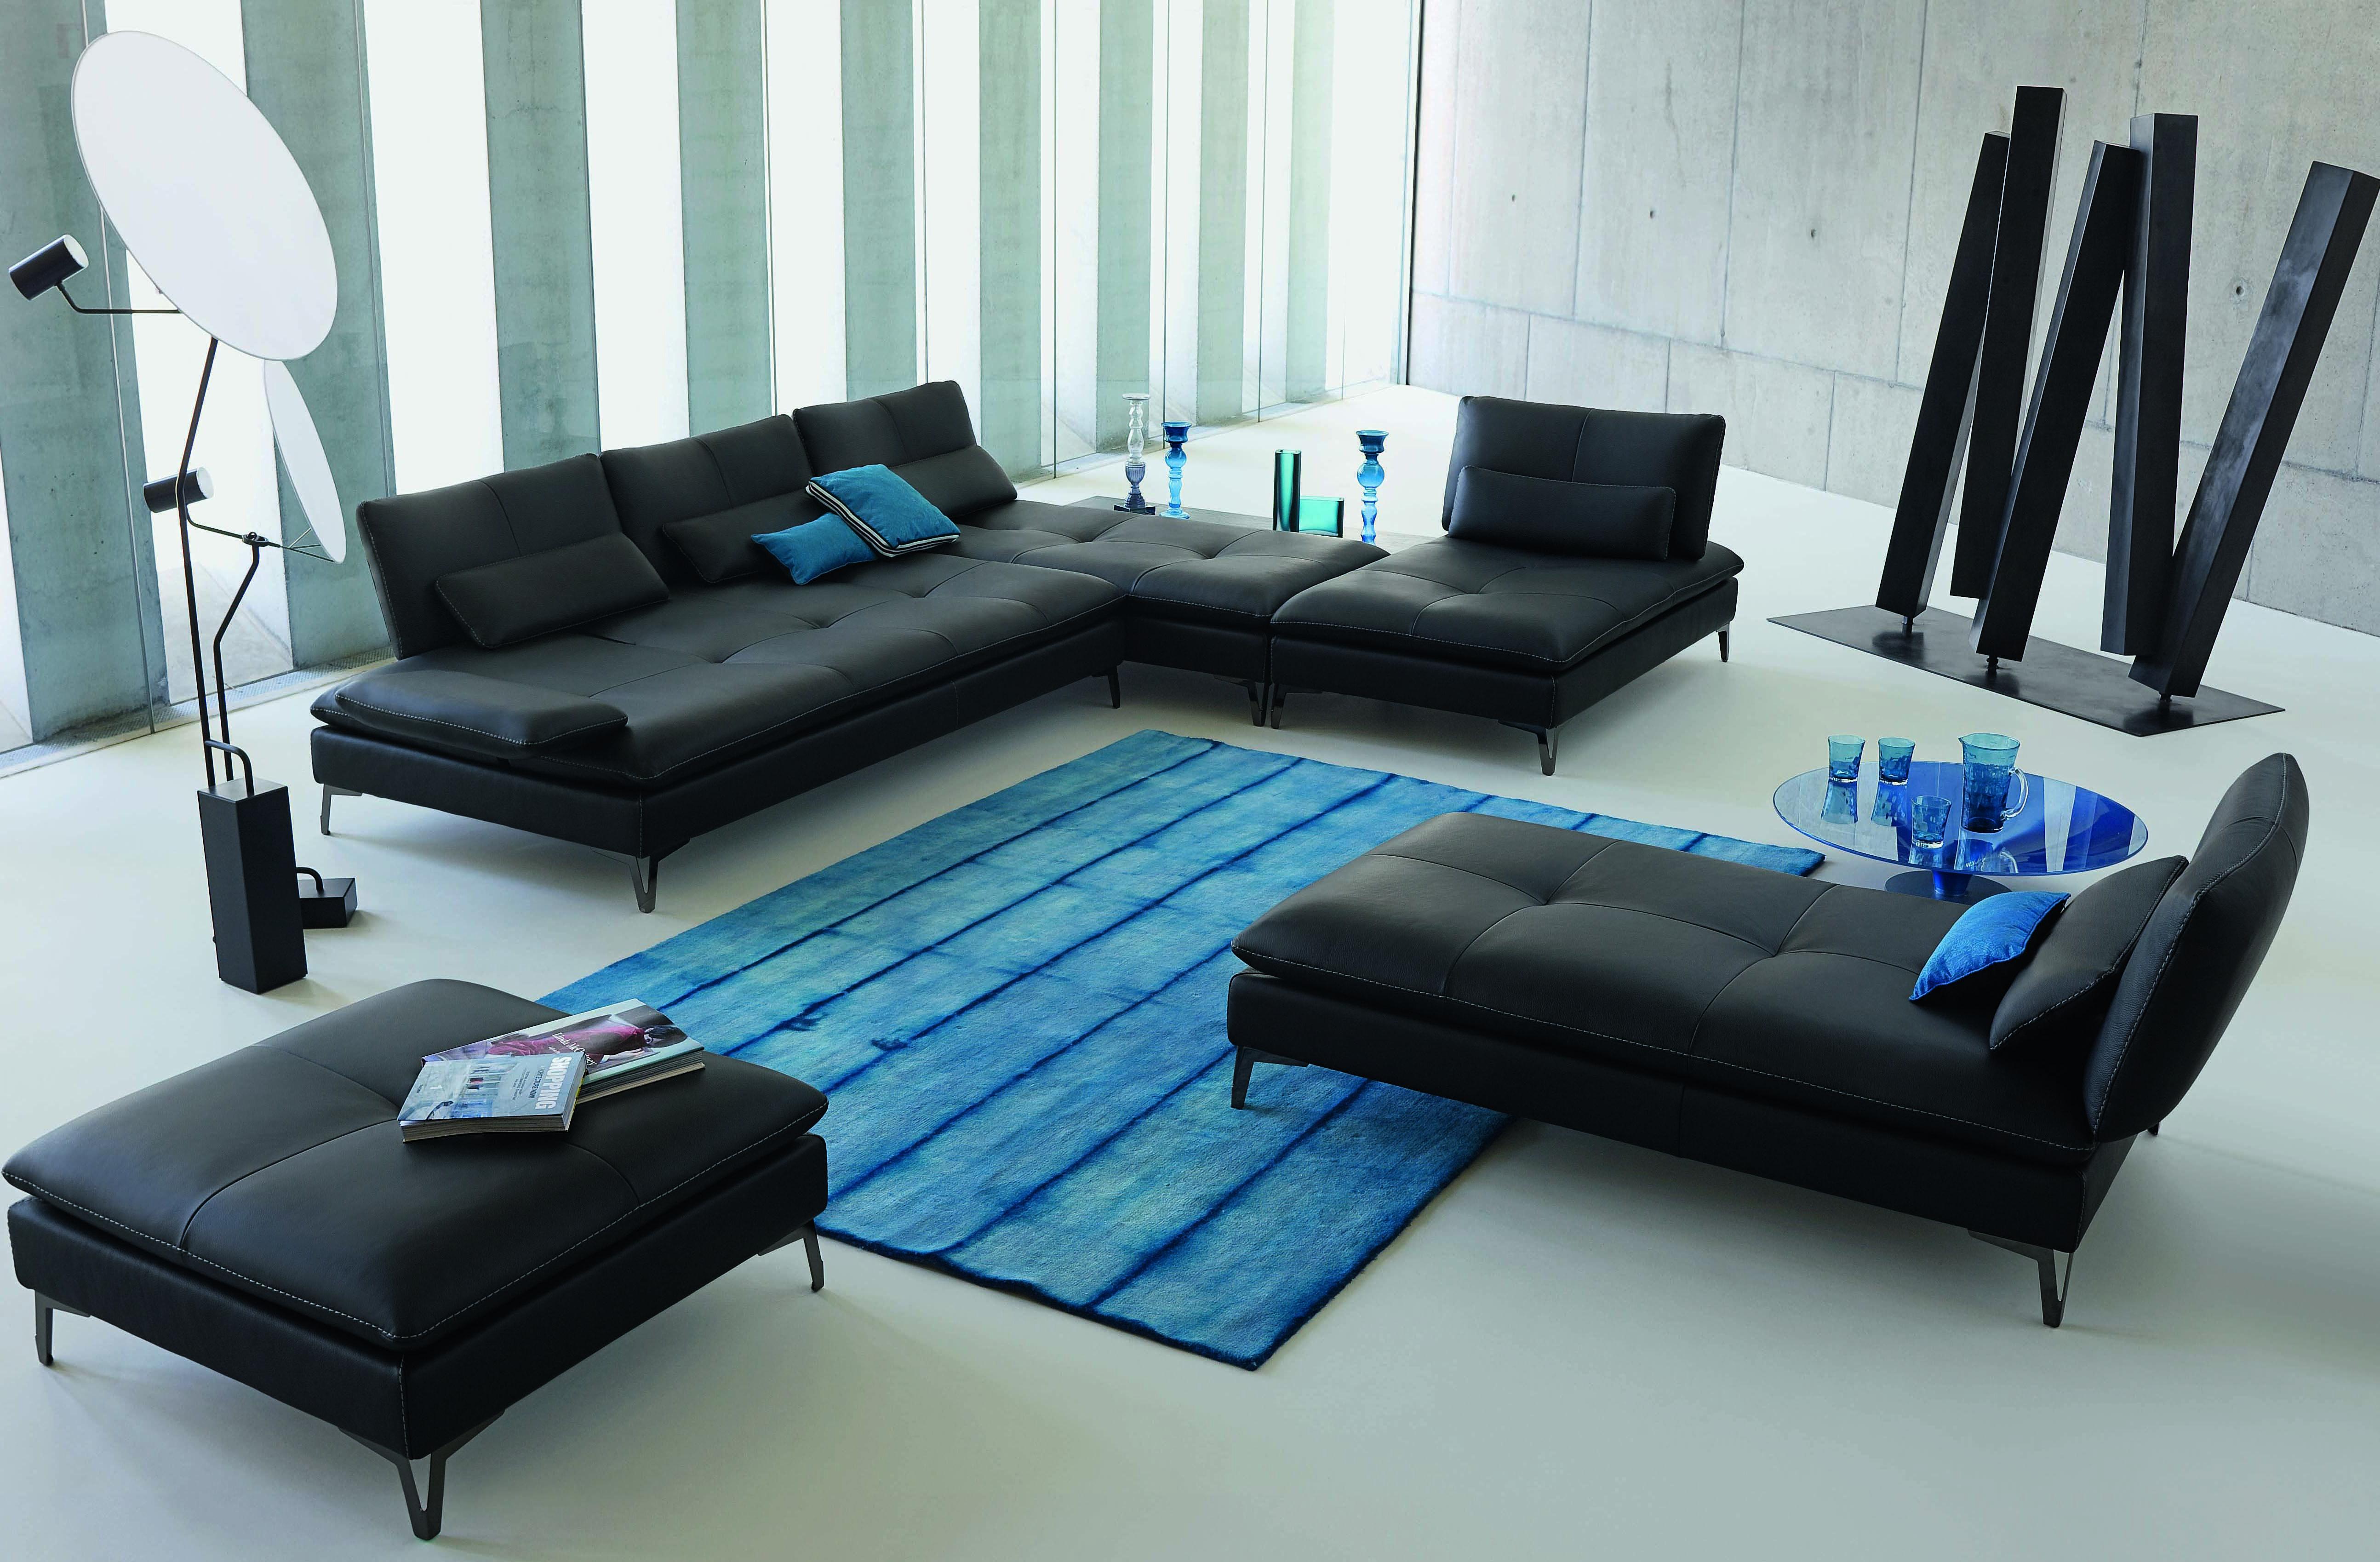 Roche Bobois Scenario Modular Sofa Design Sacha Lakic Rochebobois Sofa Design Sachalakic Modular Sofa Design Furniture Leather Modular Sofa